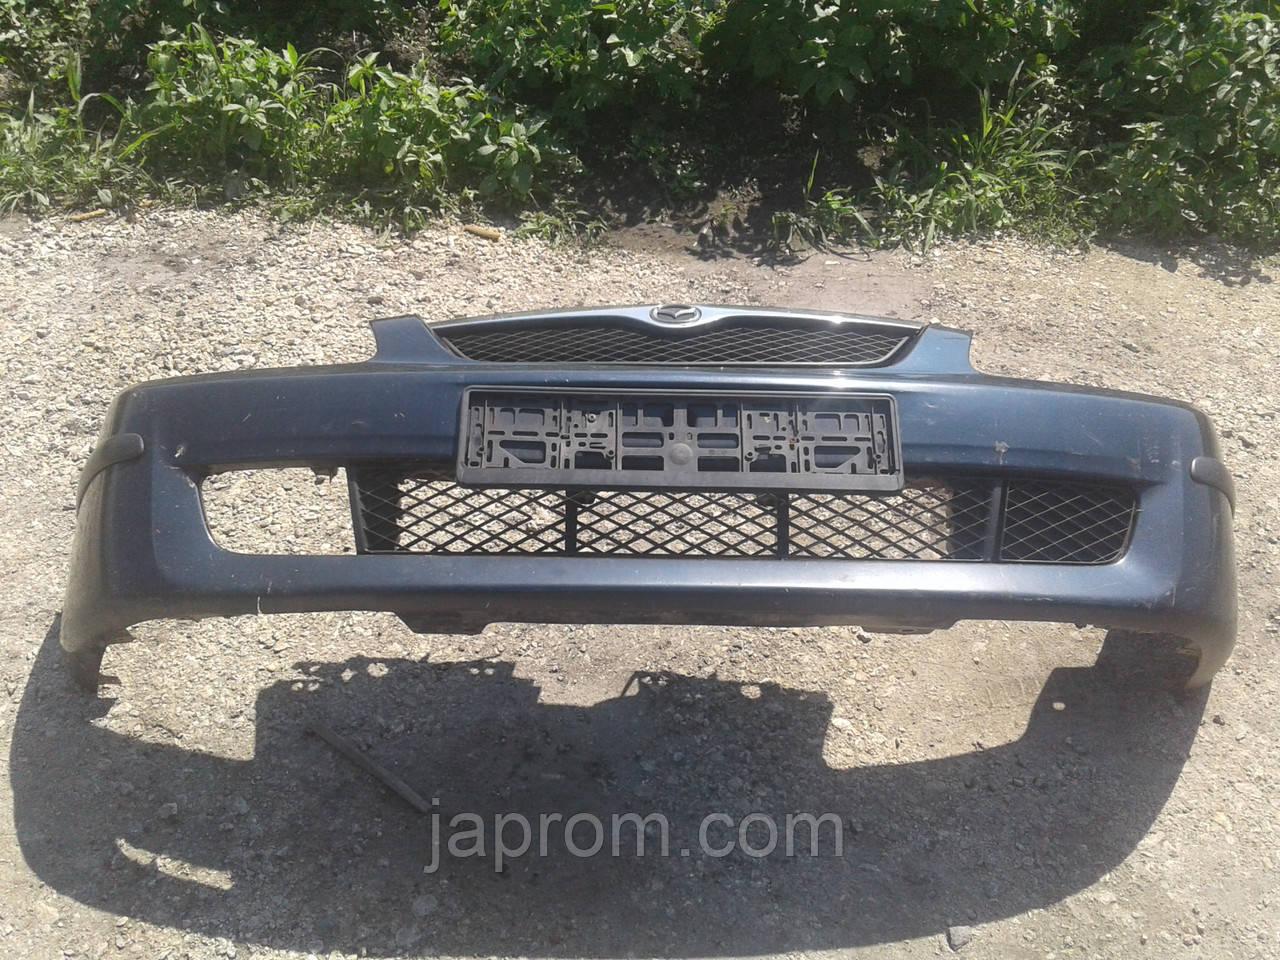 Бампер передний Mazda 323 BJ 1997-1999г.в. синий дорестайл